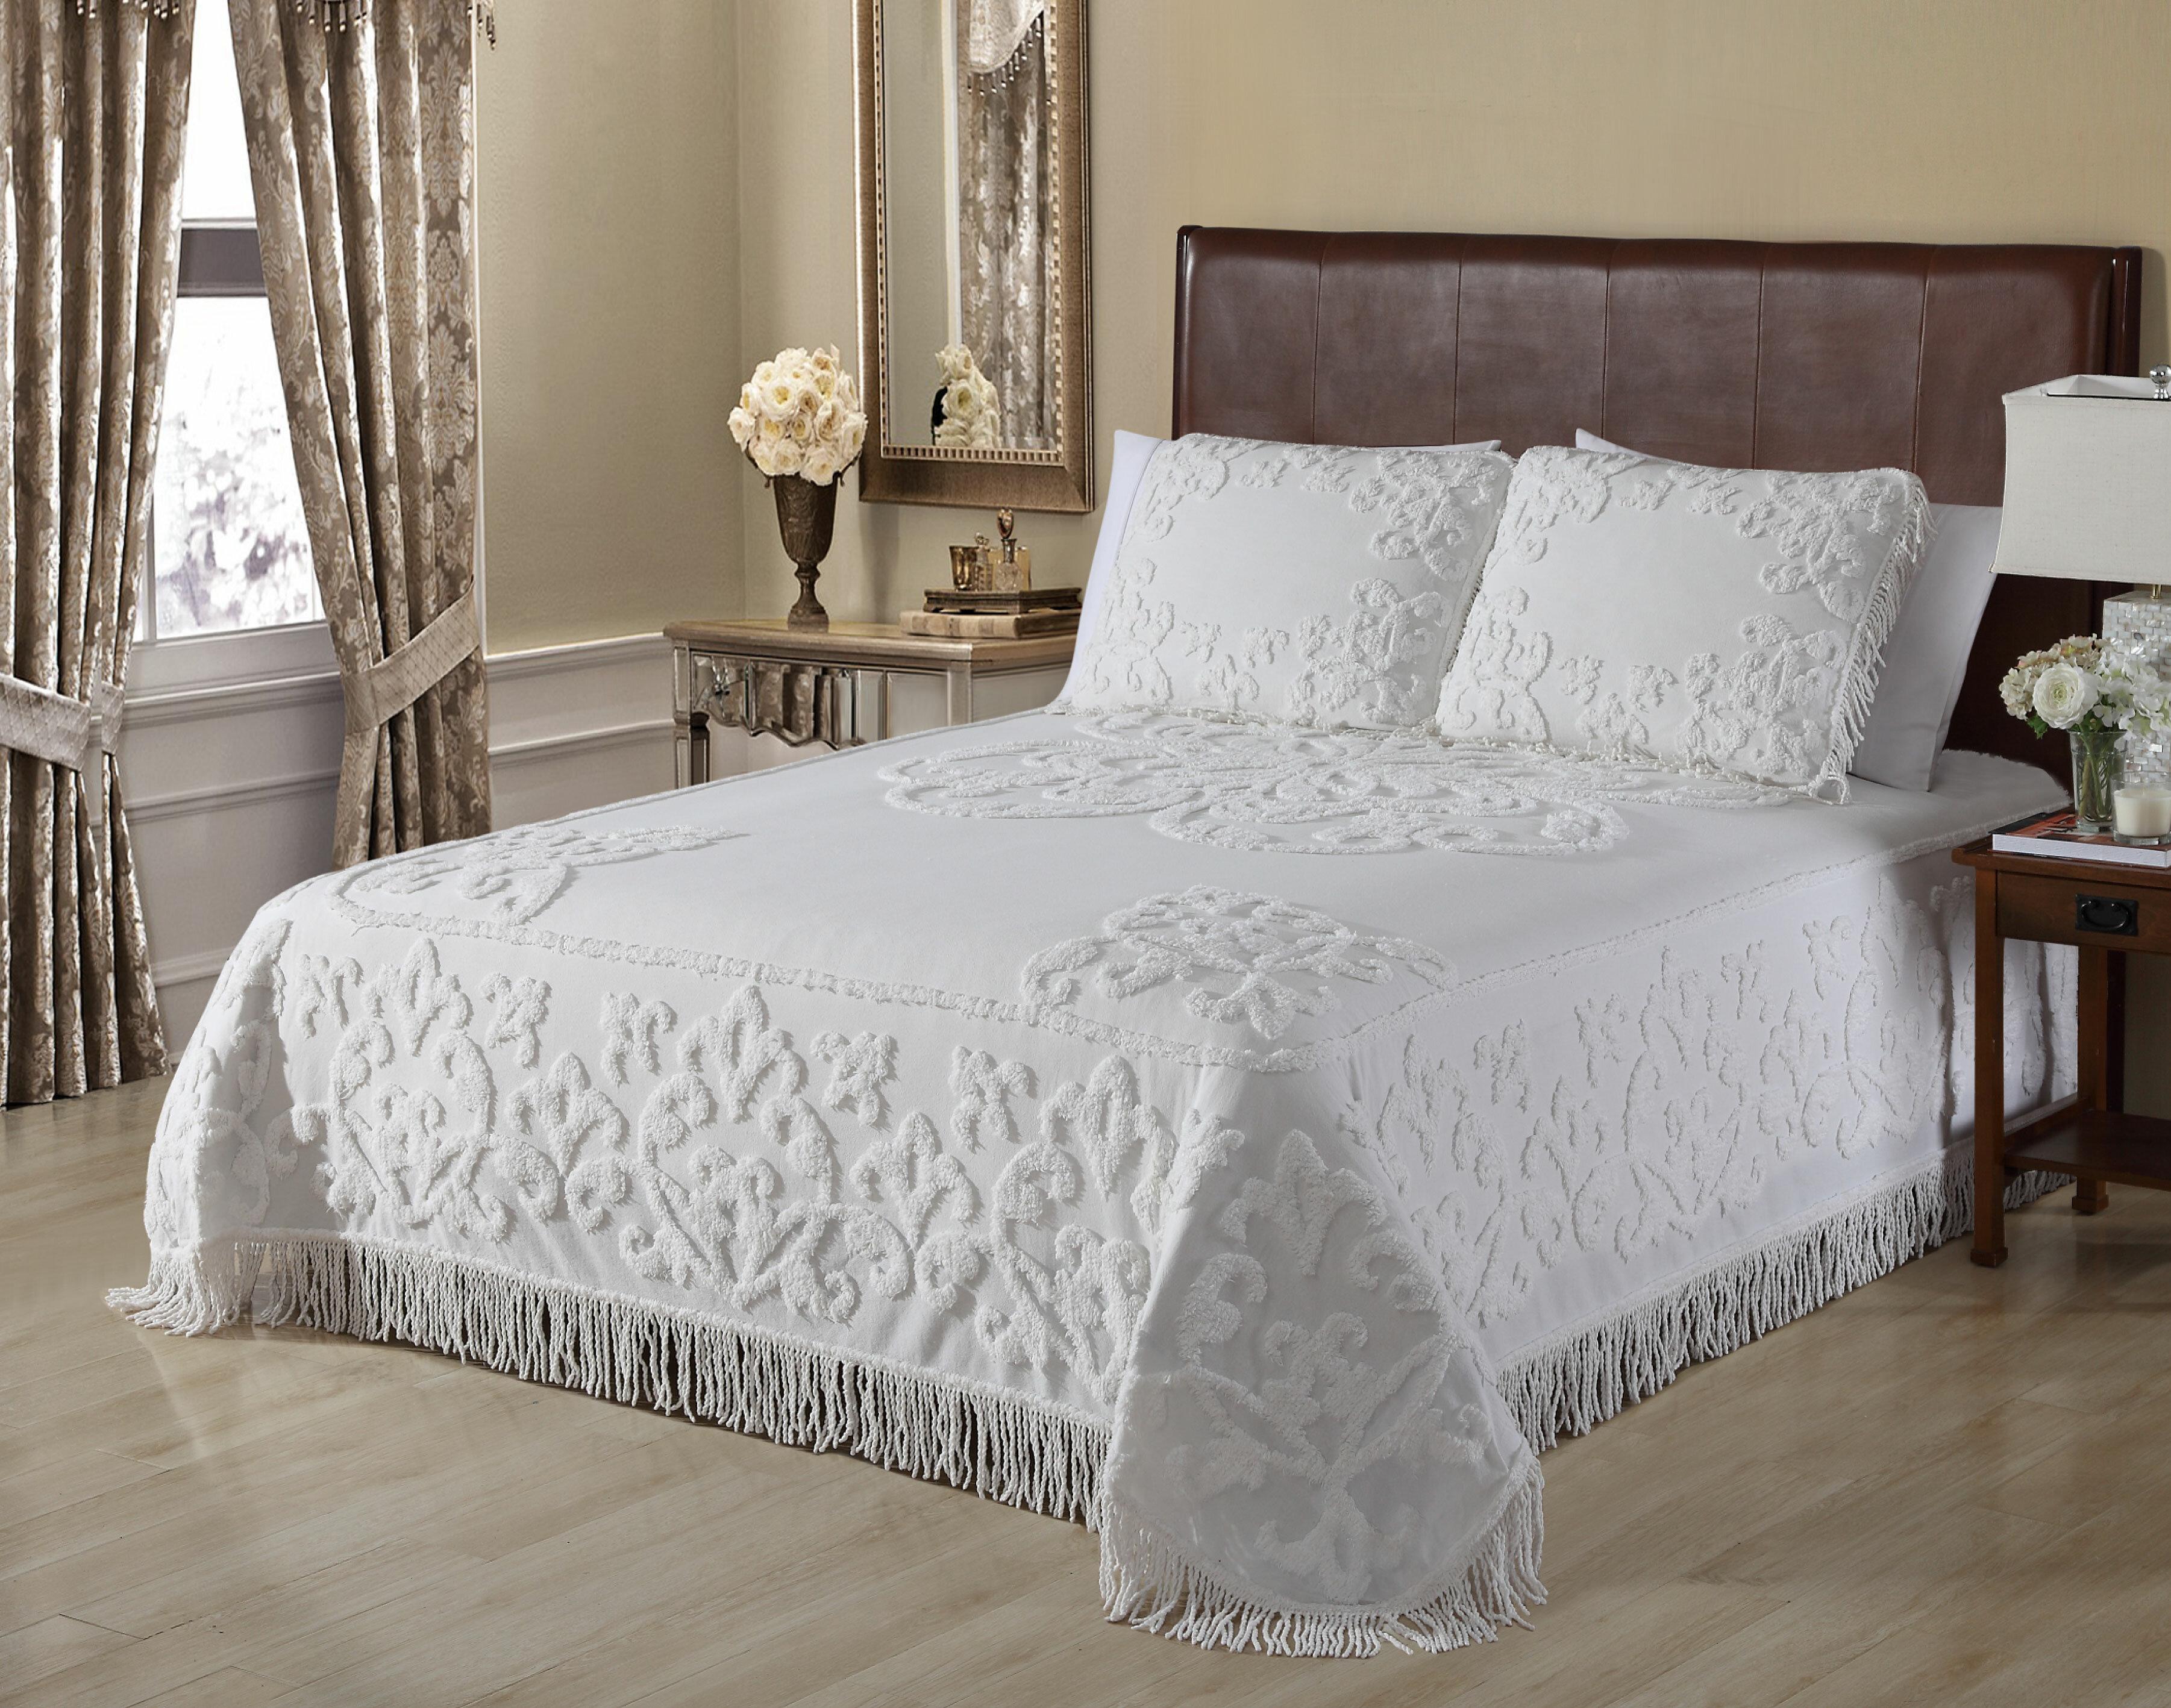 Chenille Bedspreads.Kylan Chenille Single Bedspread